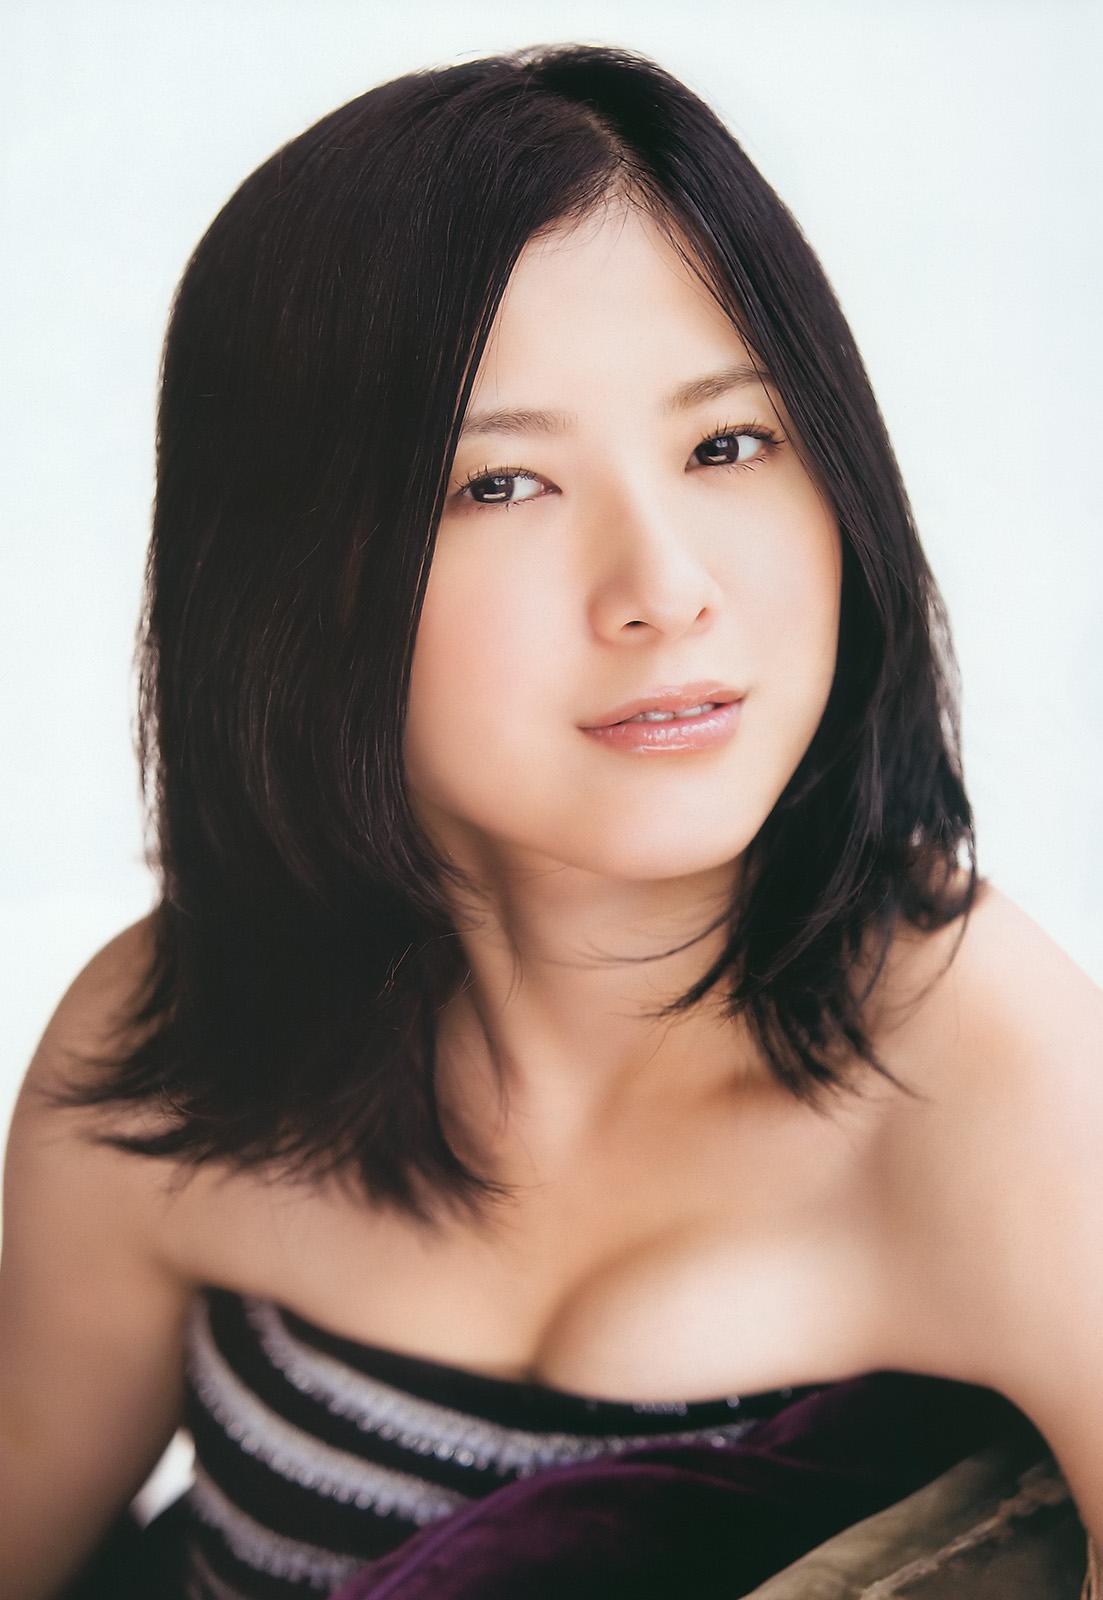 吉高由里子 の画像ギャラリーまとめ一覧 アイドルおかず画像